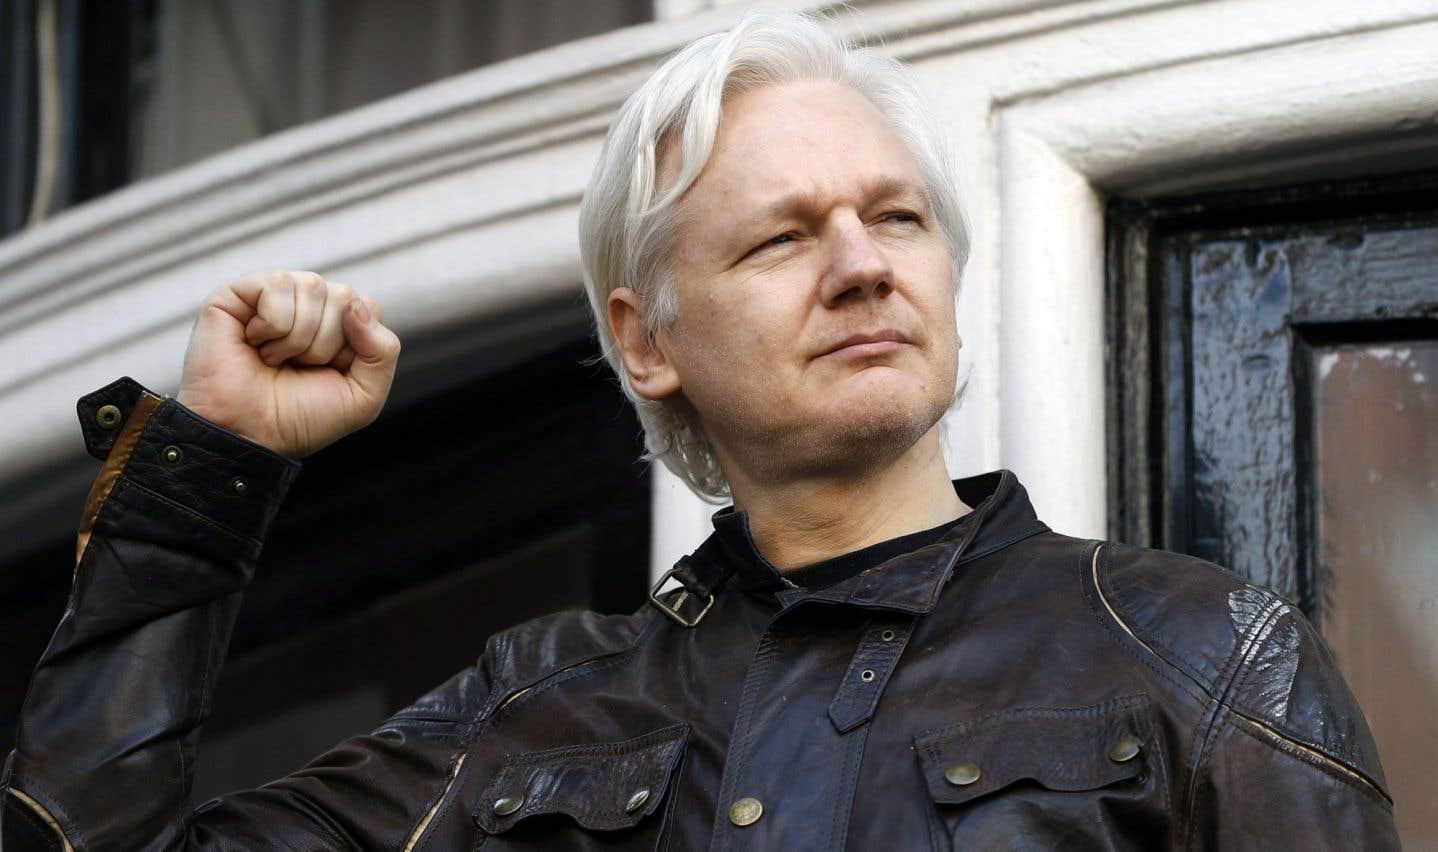 Les poursuites abandonnées, Assange crie victoire